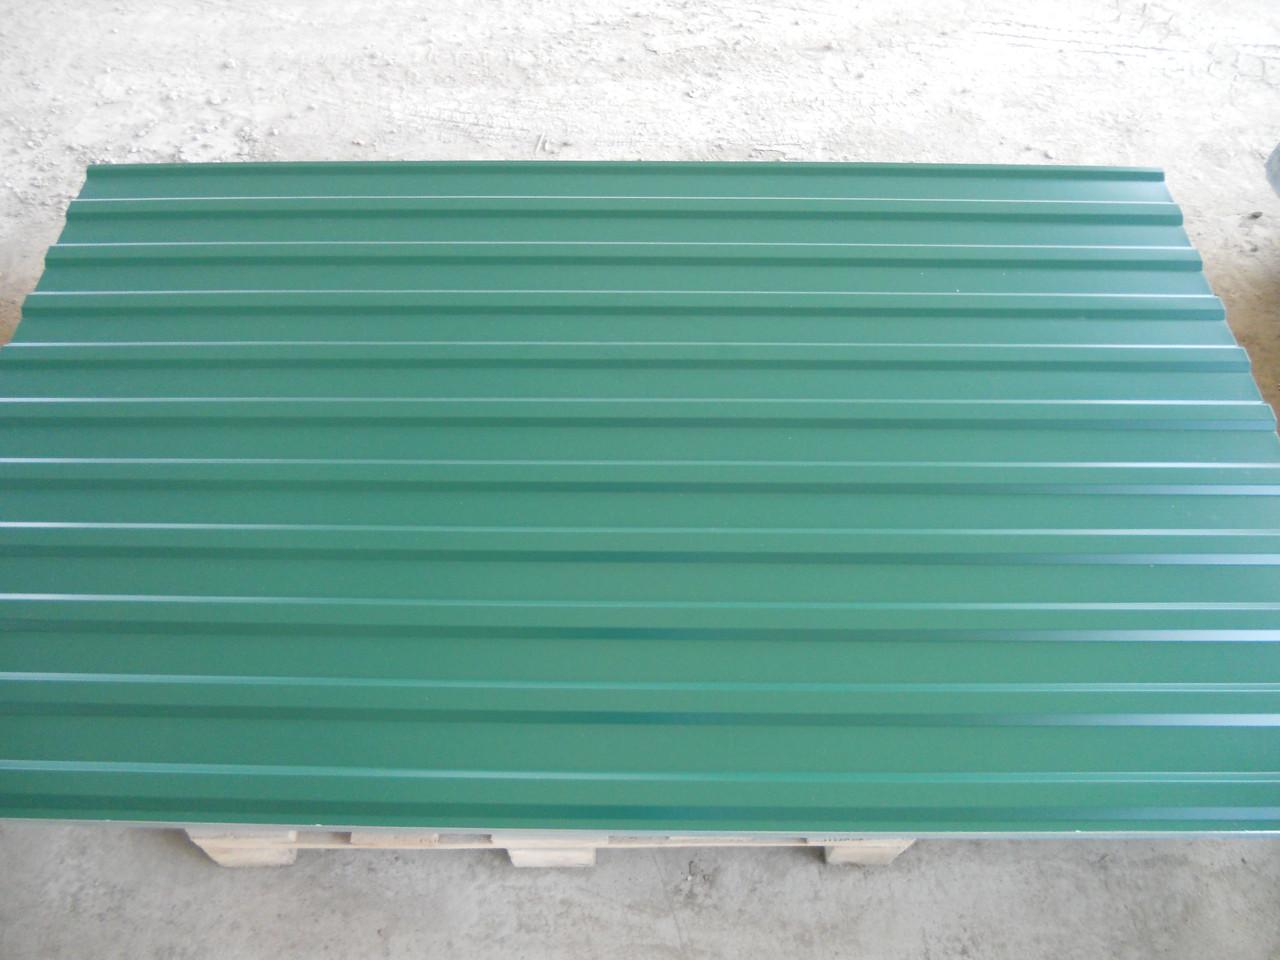 Профнастил 6005-зеленый, 950/1200 мм.